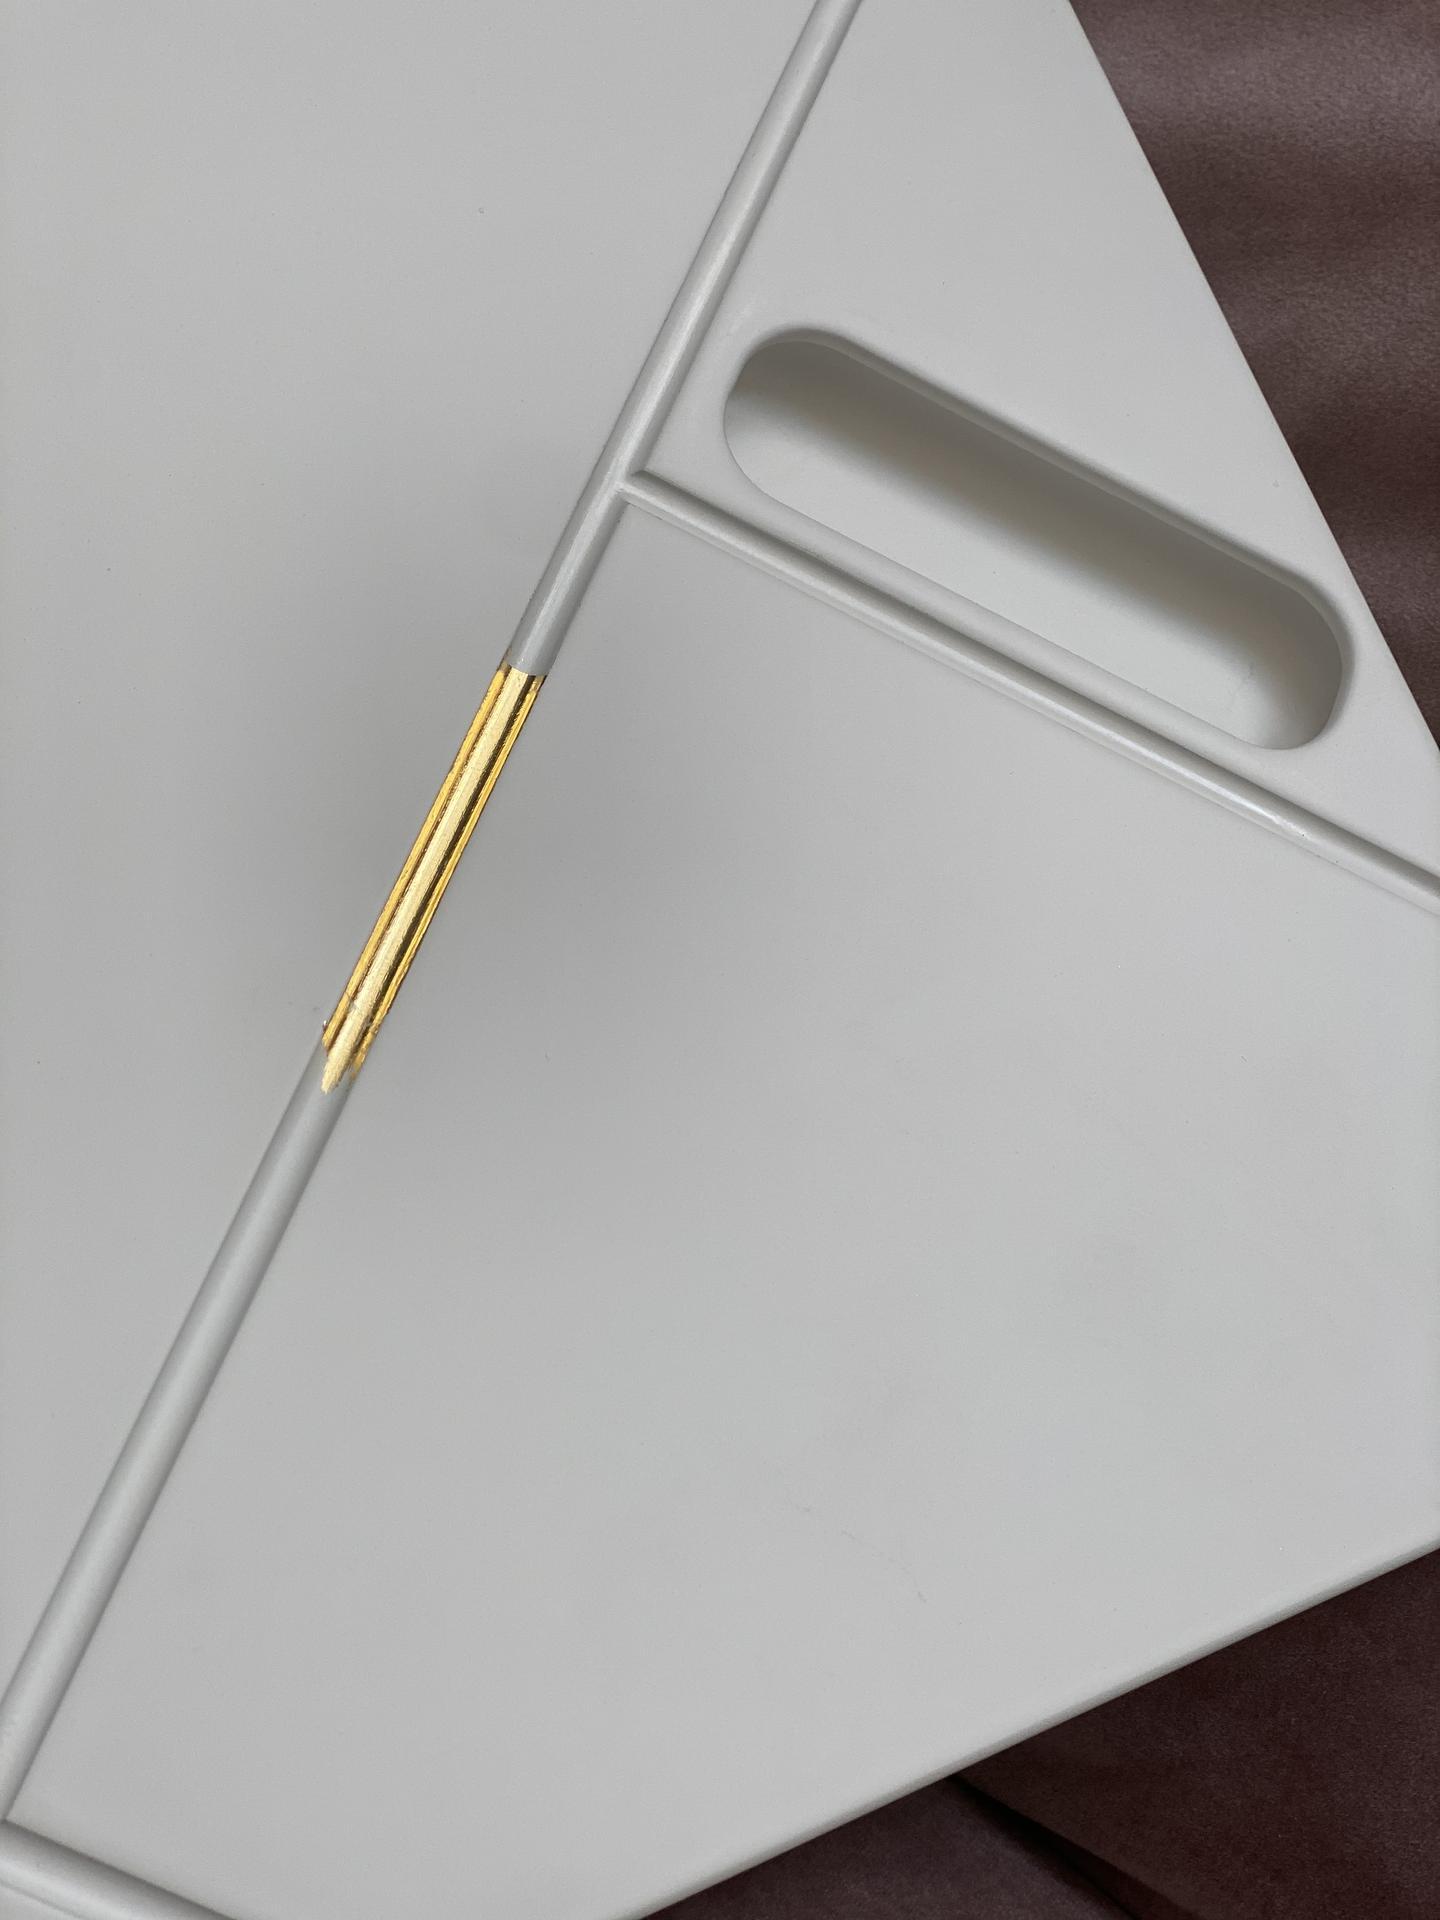 Heslo: Extravagancia & Luxus ❤️ - Skúška na pozlacovanie dverí 24 karátovým zlatom... ak sa mi to podarí bude to skvost!❤️